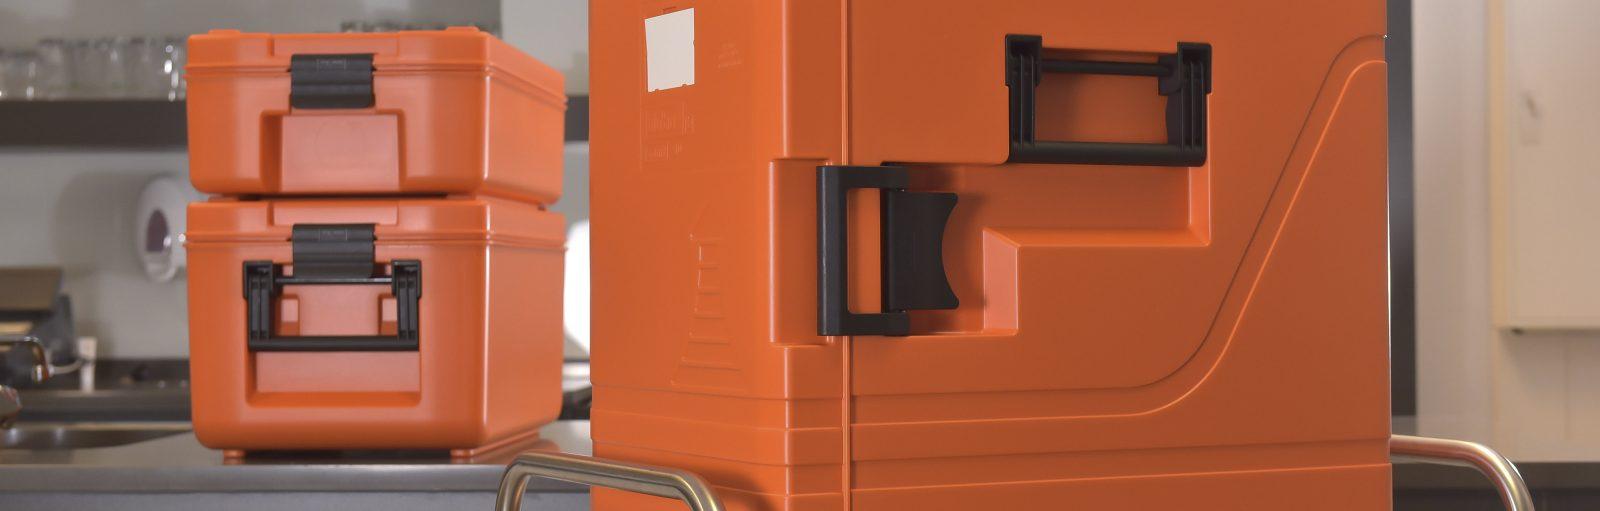 etol Kunststofftechnik, Tiefziehen, Sandwichteile, Speisentransportbox, Thermobox